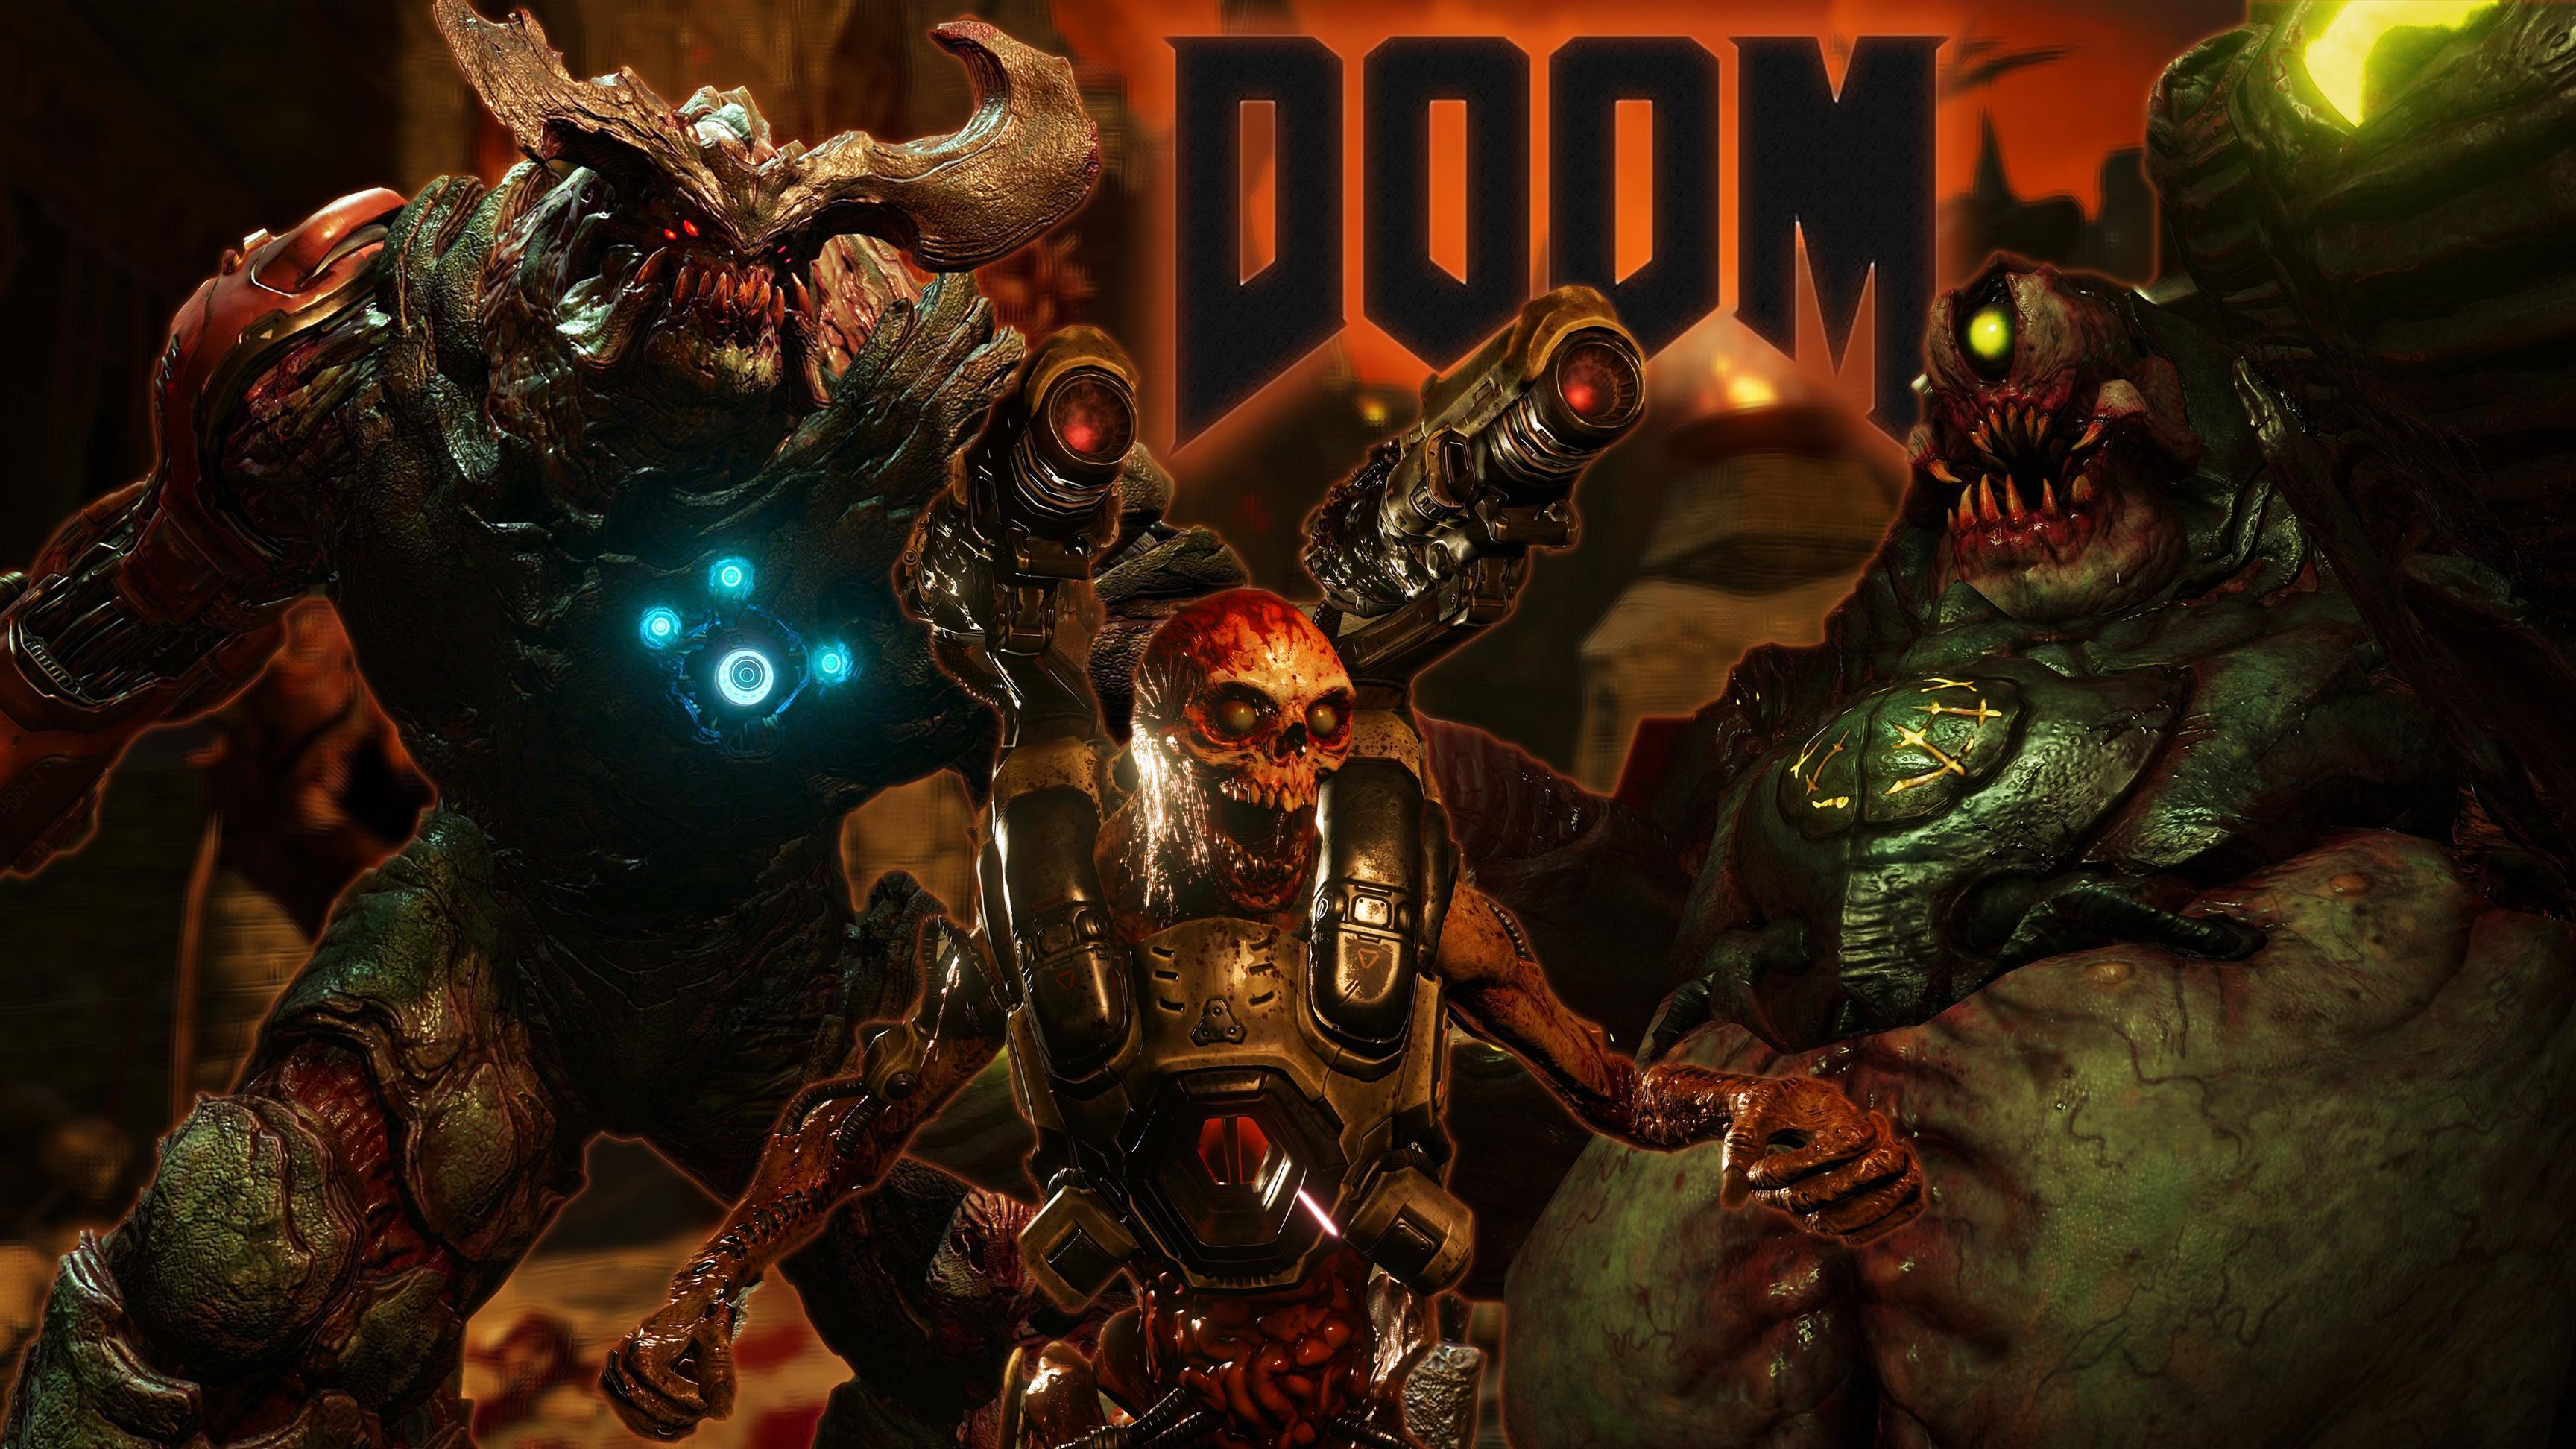 Στις 13 Μαΐου κυκλοφορεί το νέο Doom!